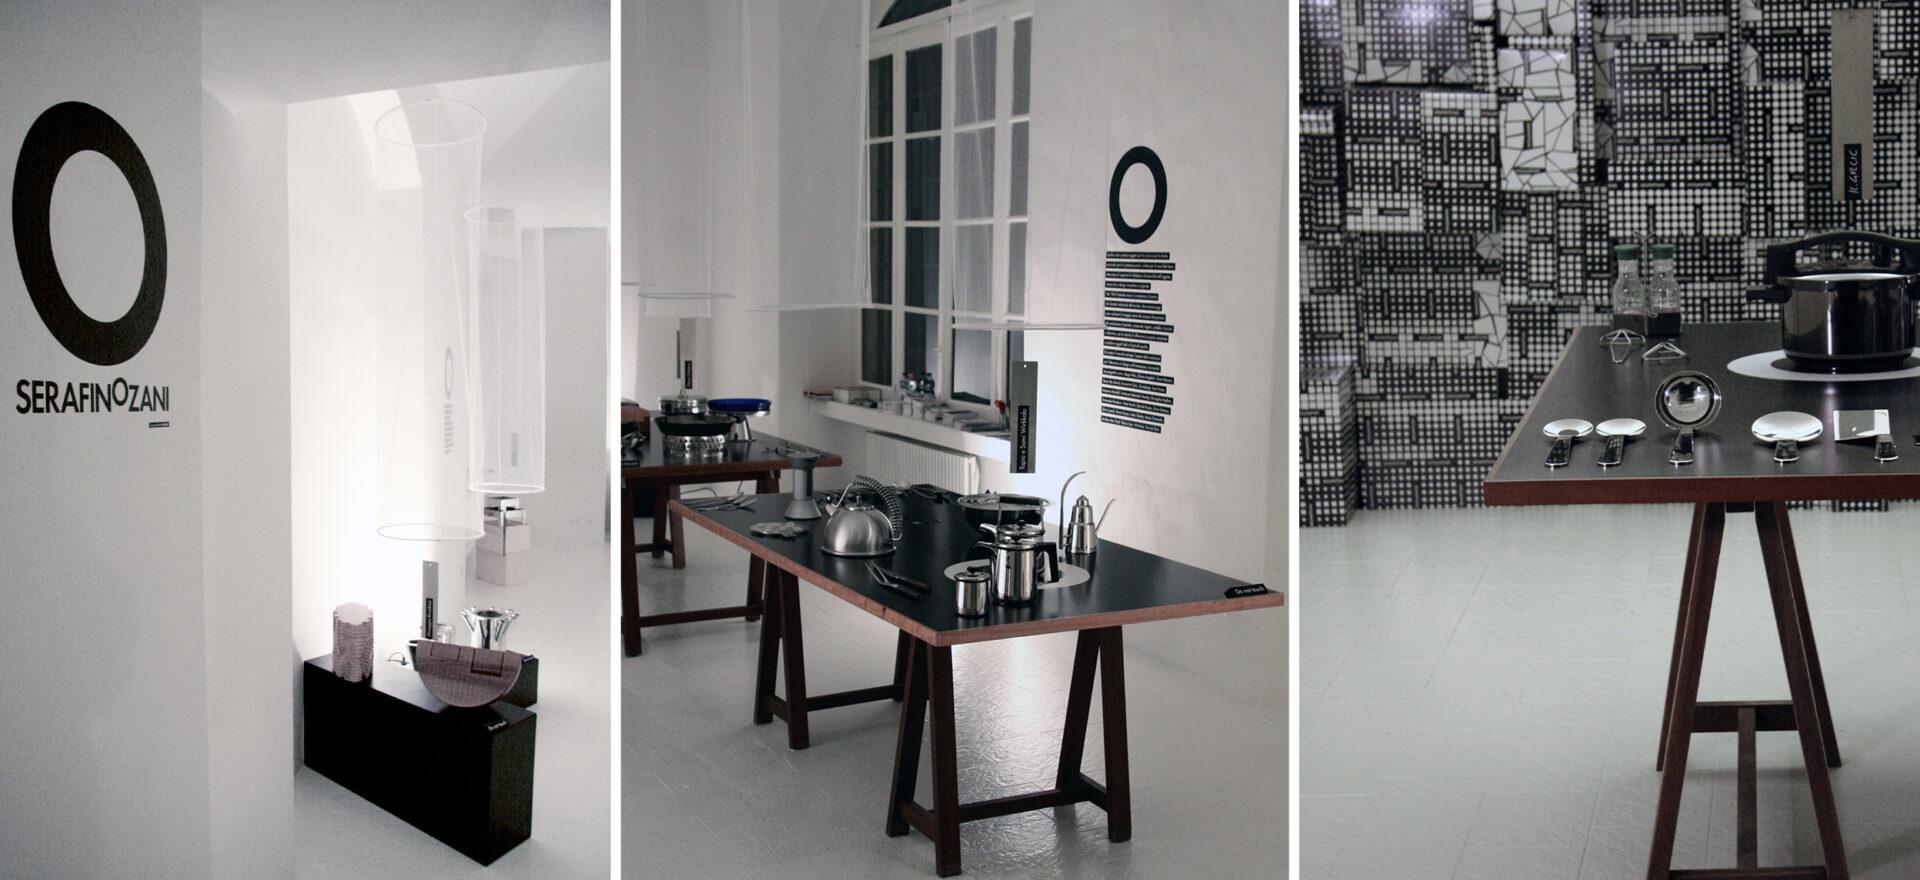 Art Direction   Graphic design   Exhibition Design  Serafino Zani   Mario Trimarchi Design   Fragile